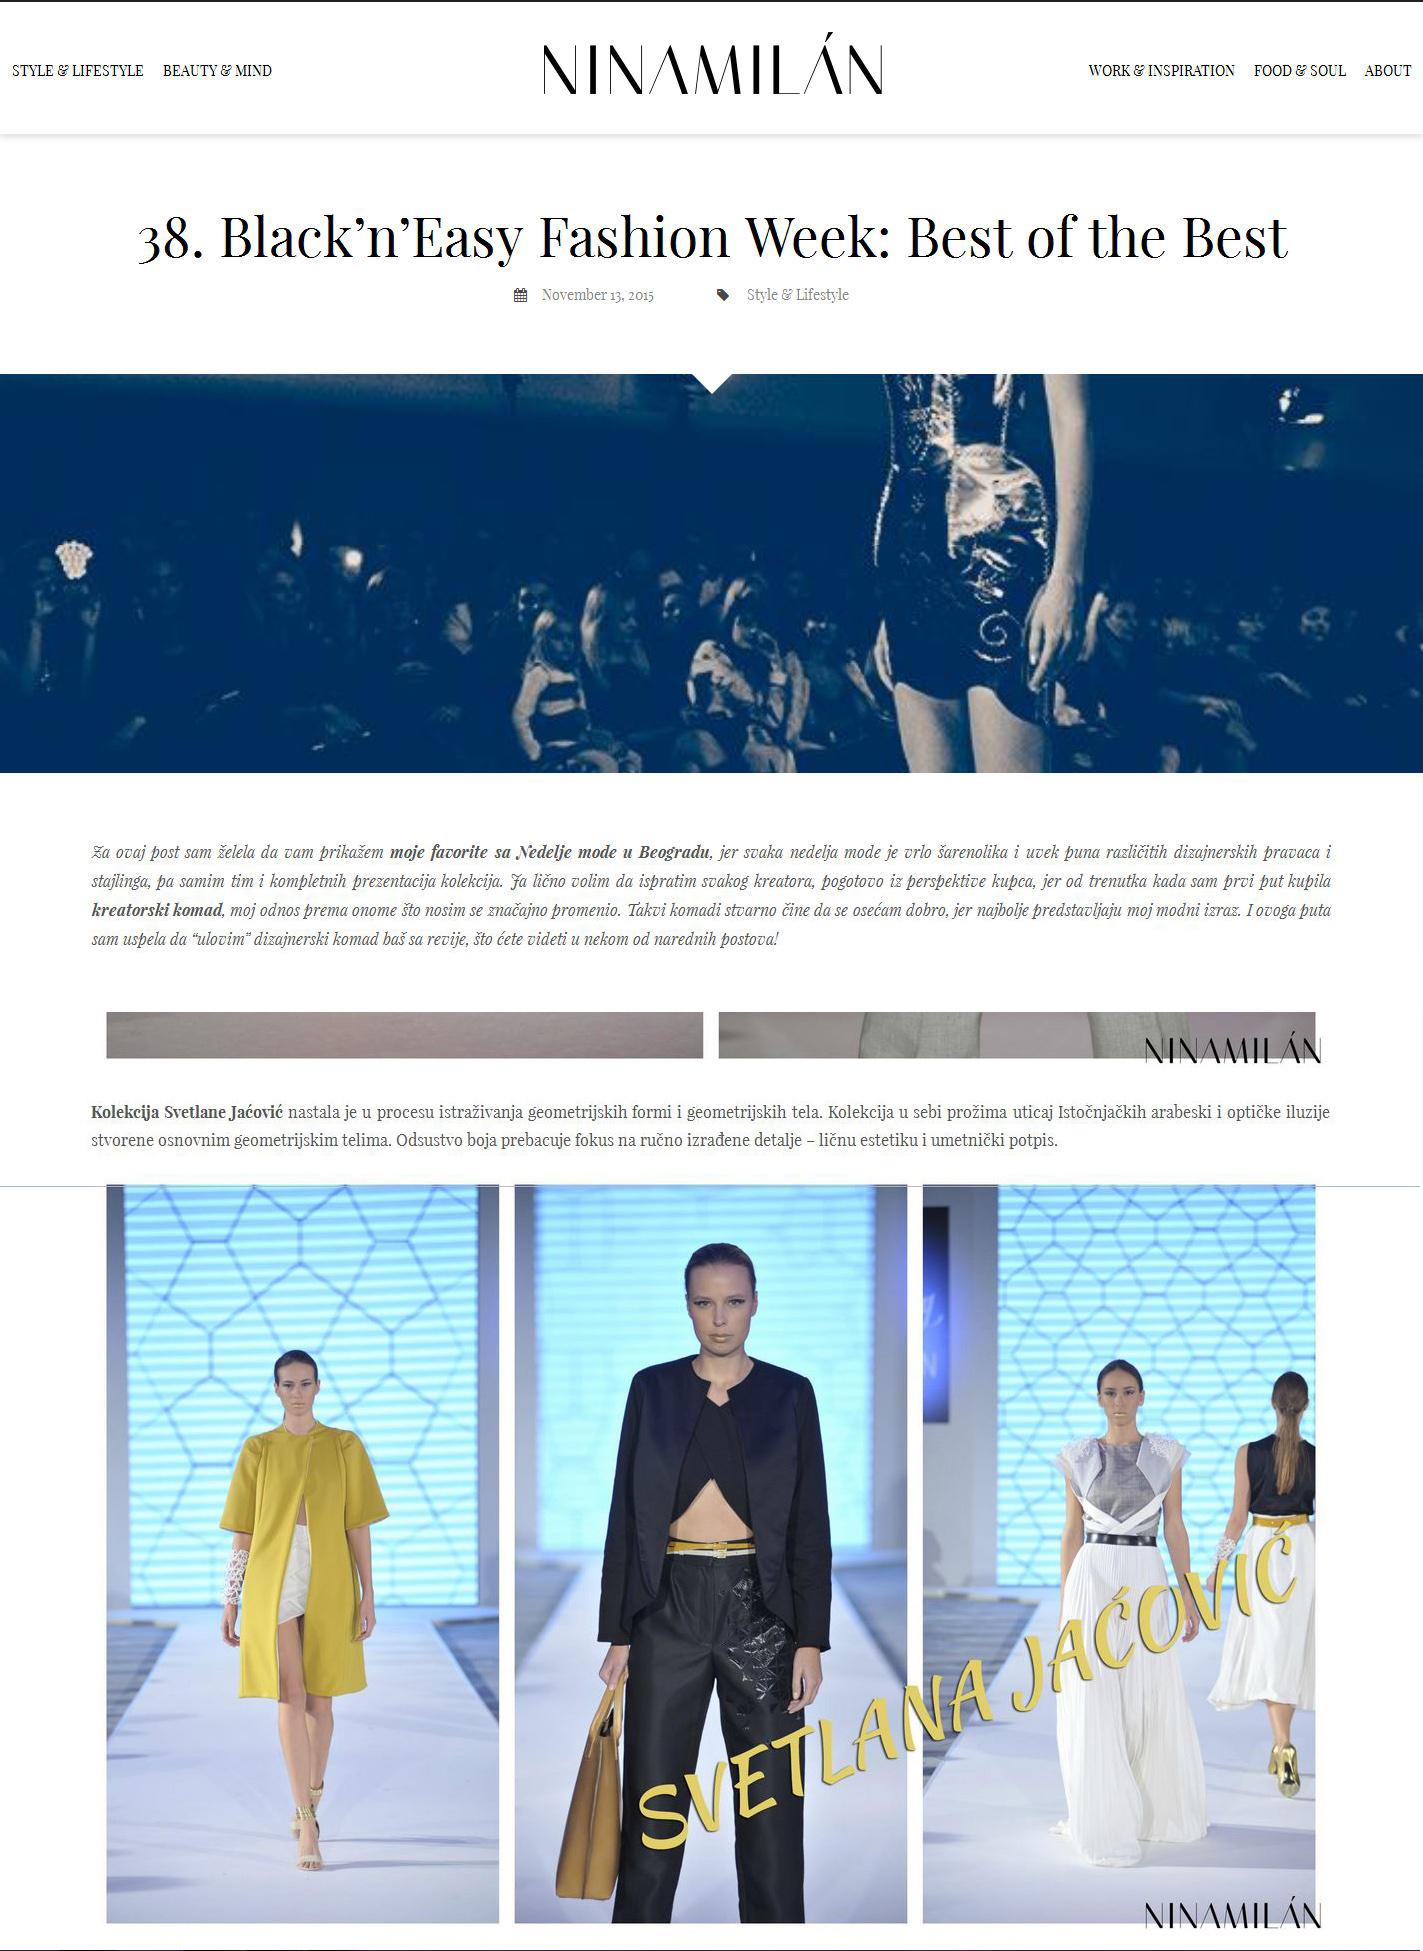 Nina Milan Blog, November 2015